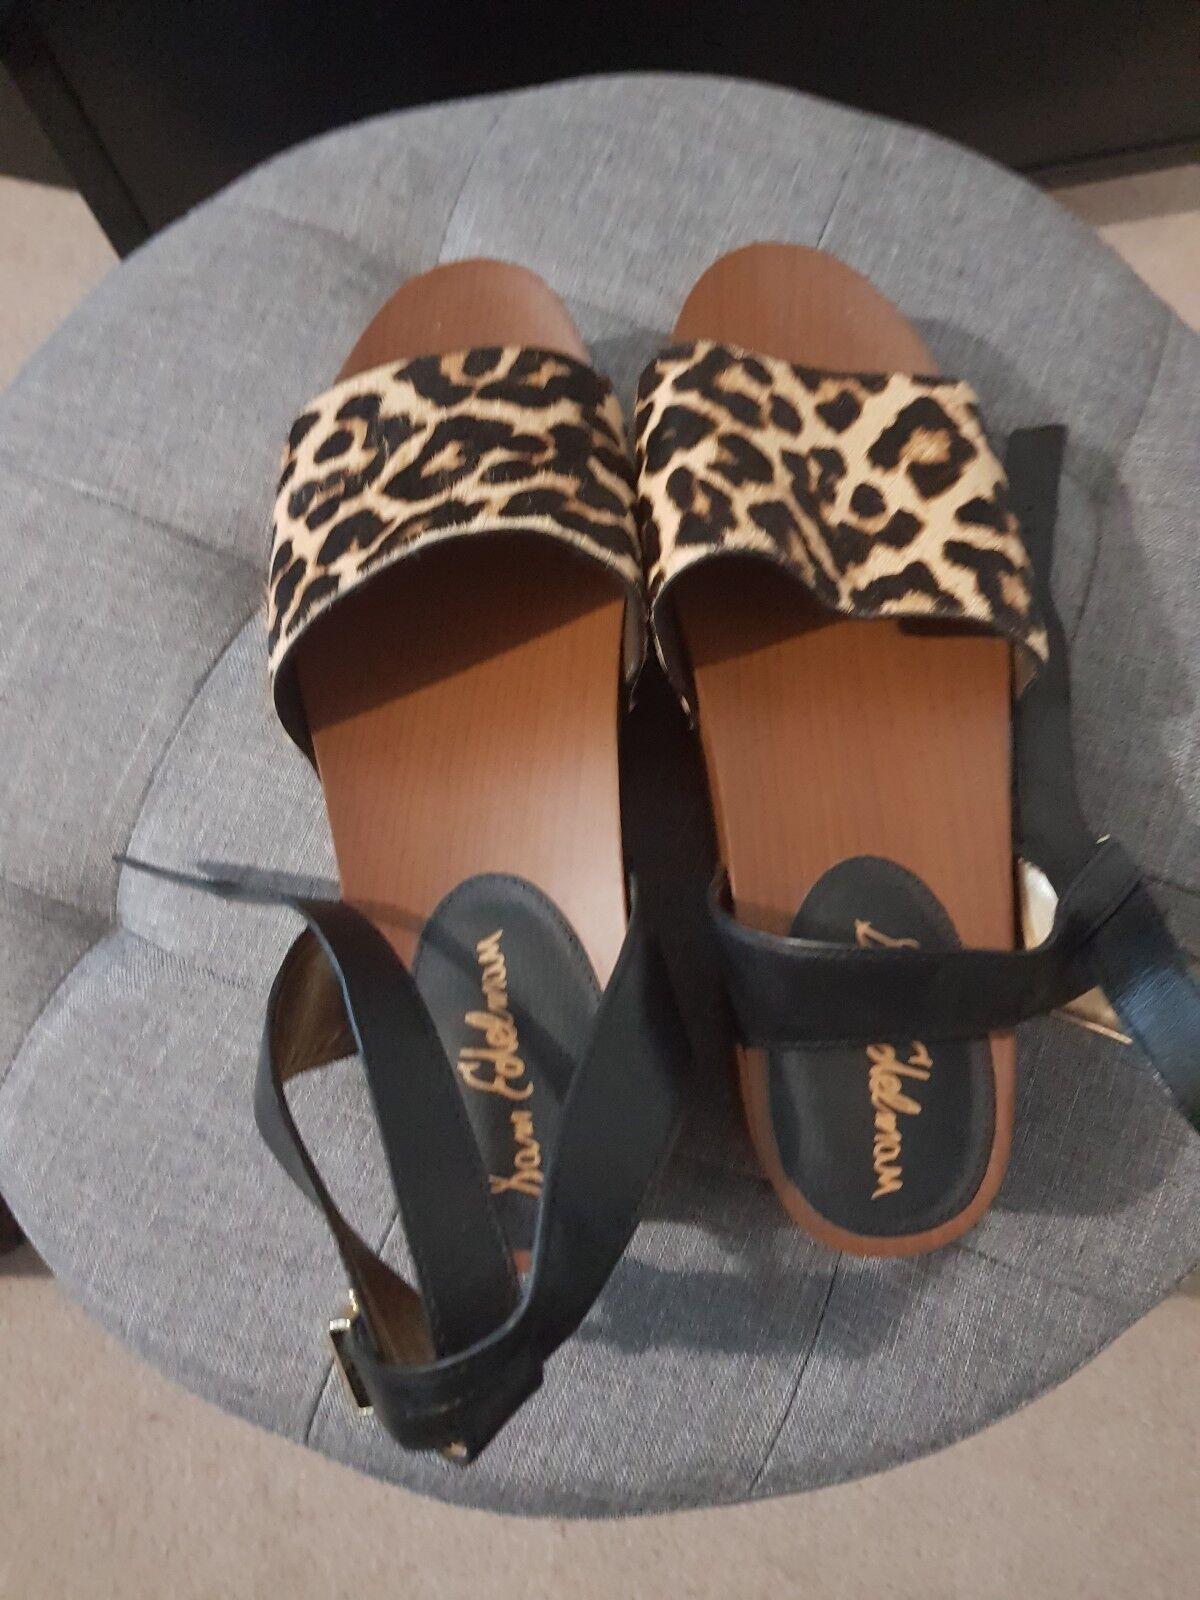 NEUF-élégante Sam Edelman Chaussures Imprimé Léopard - 8.5 US-